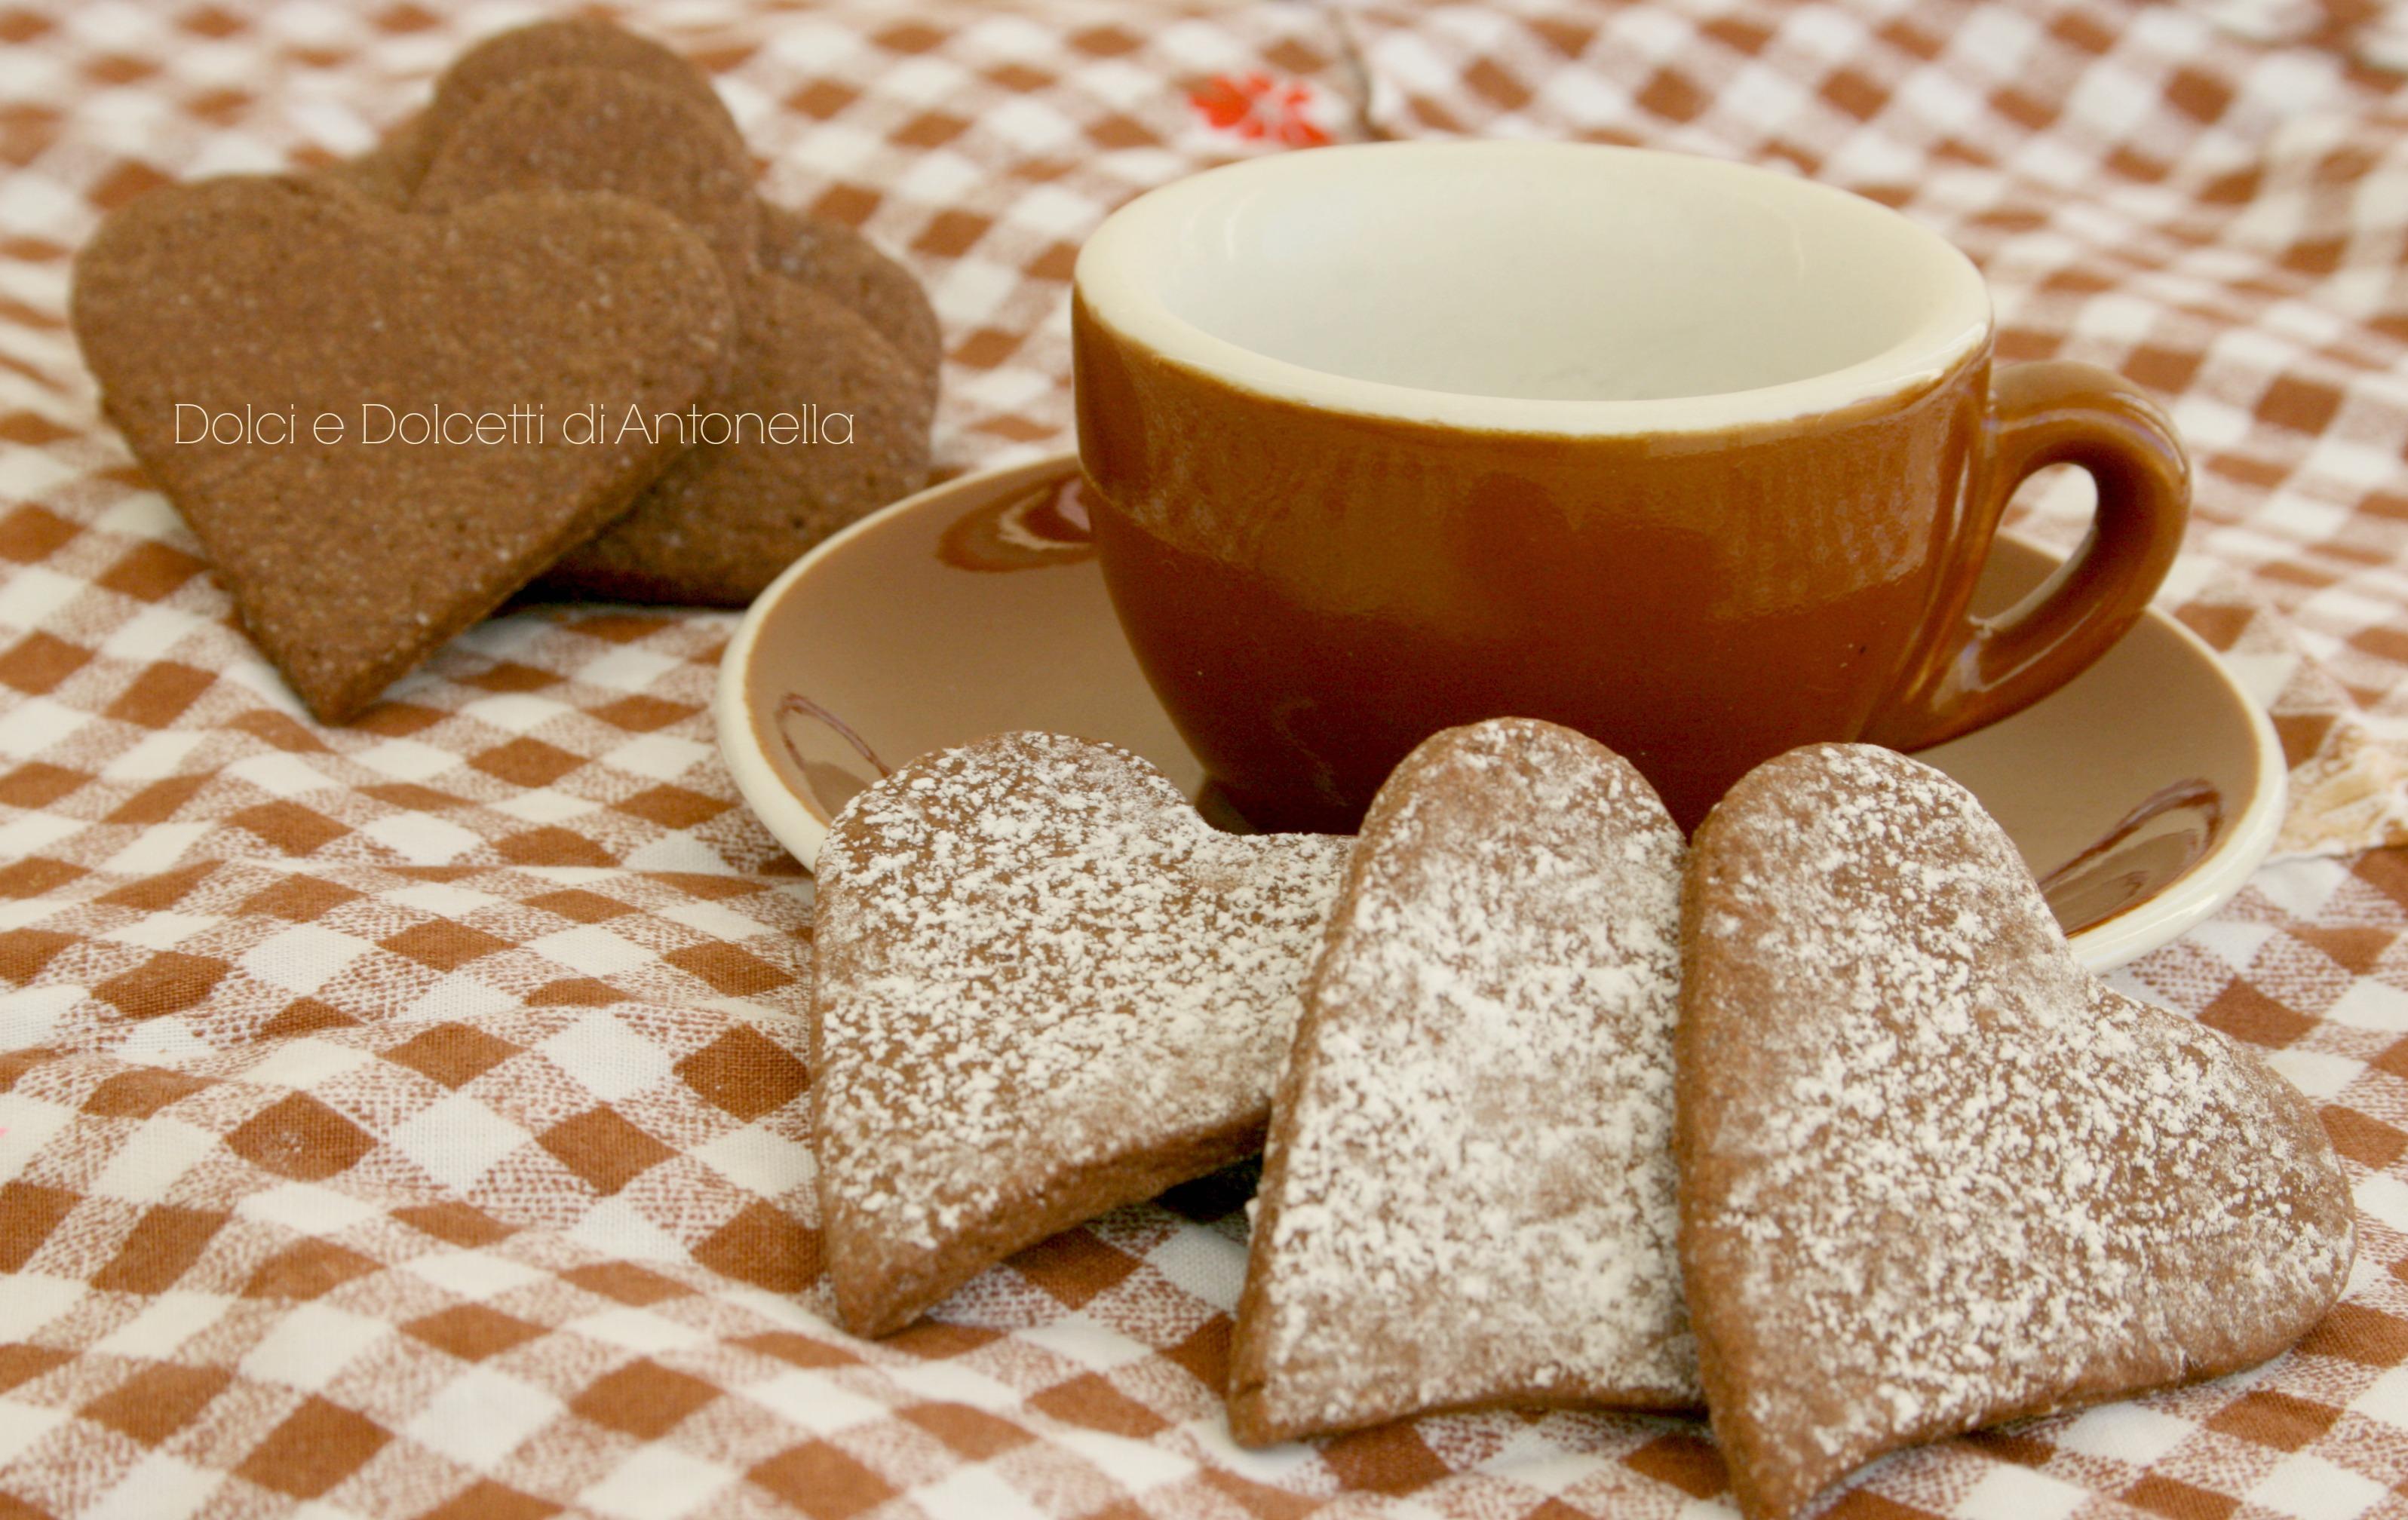 biscotti al cioccolato colazione san valentino dolci e dolcetti di antonella